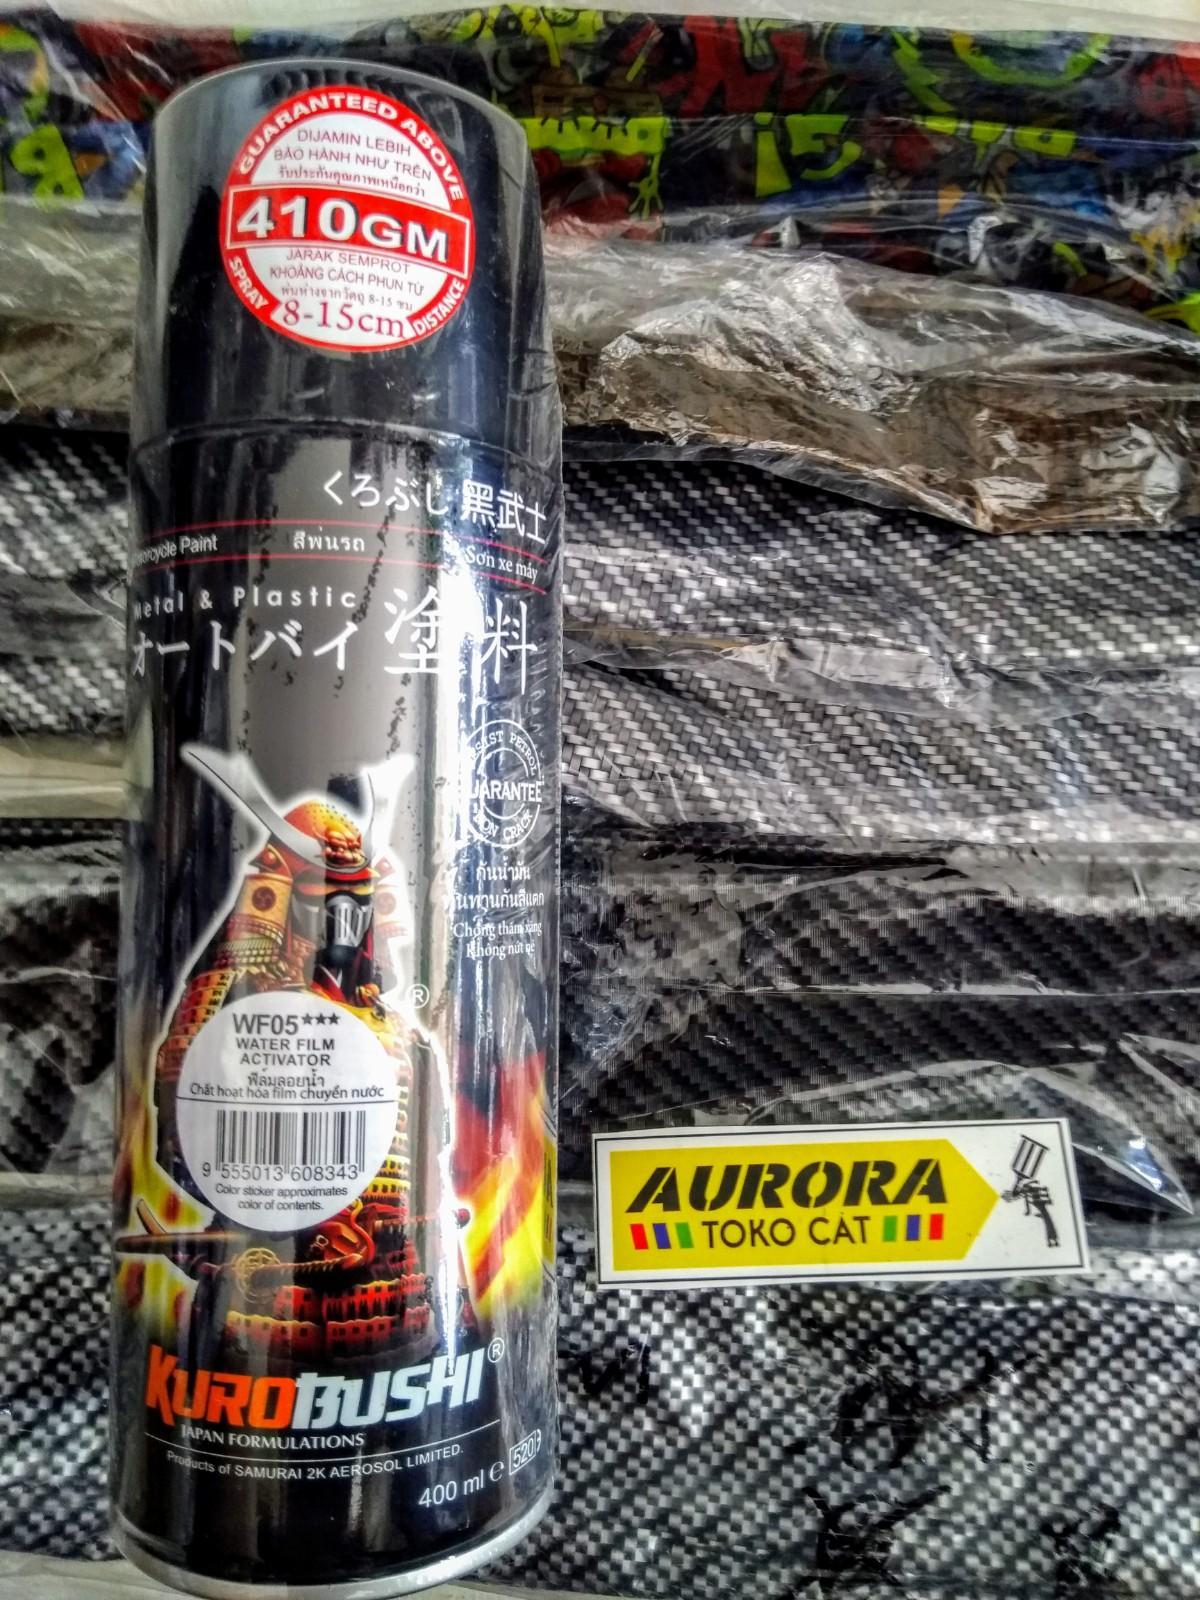 Paket Carbon Water Transfer Film Printing Dan Activator Samurai Paint By Raja Toserba 99.